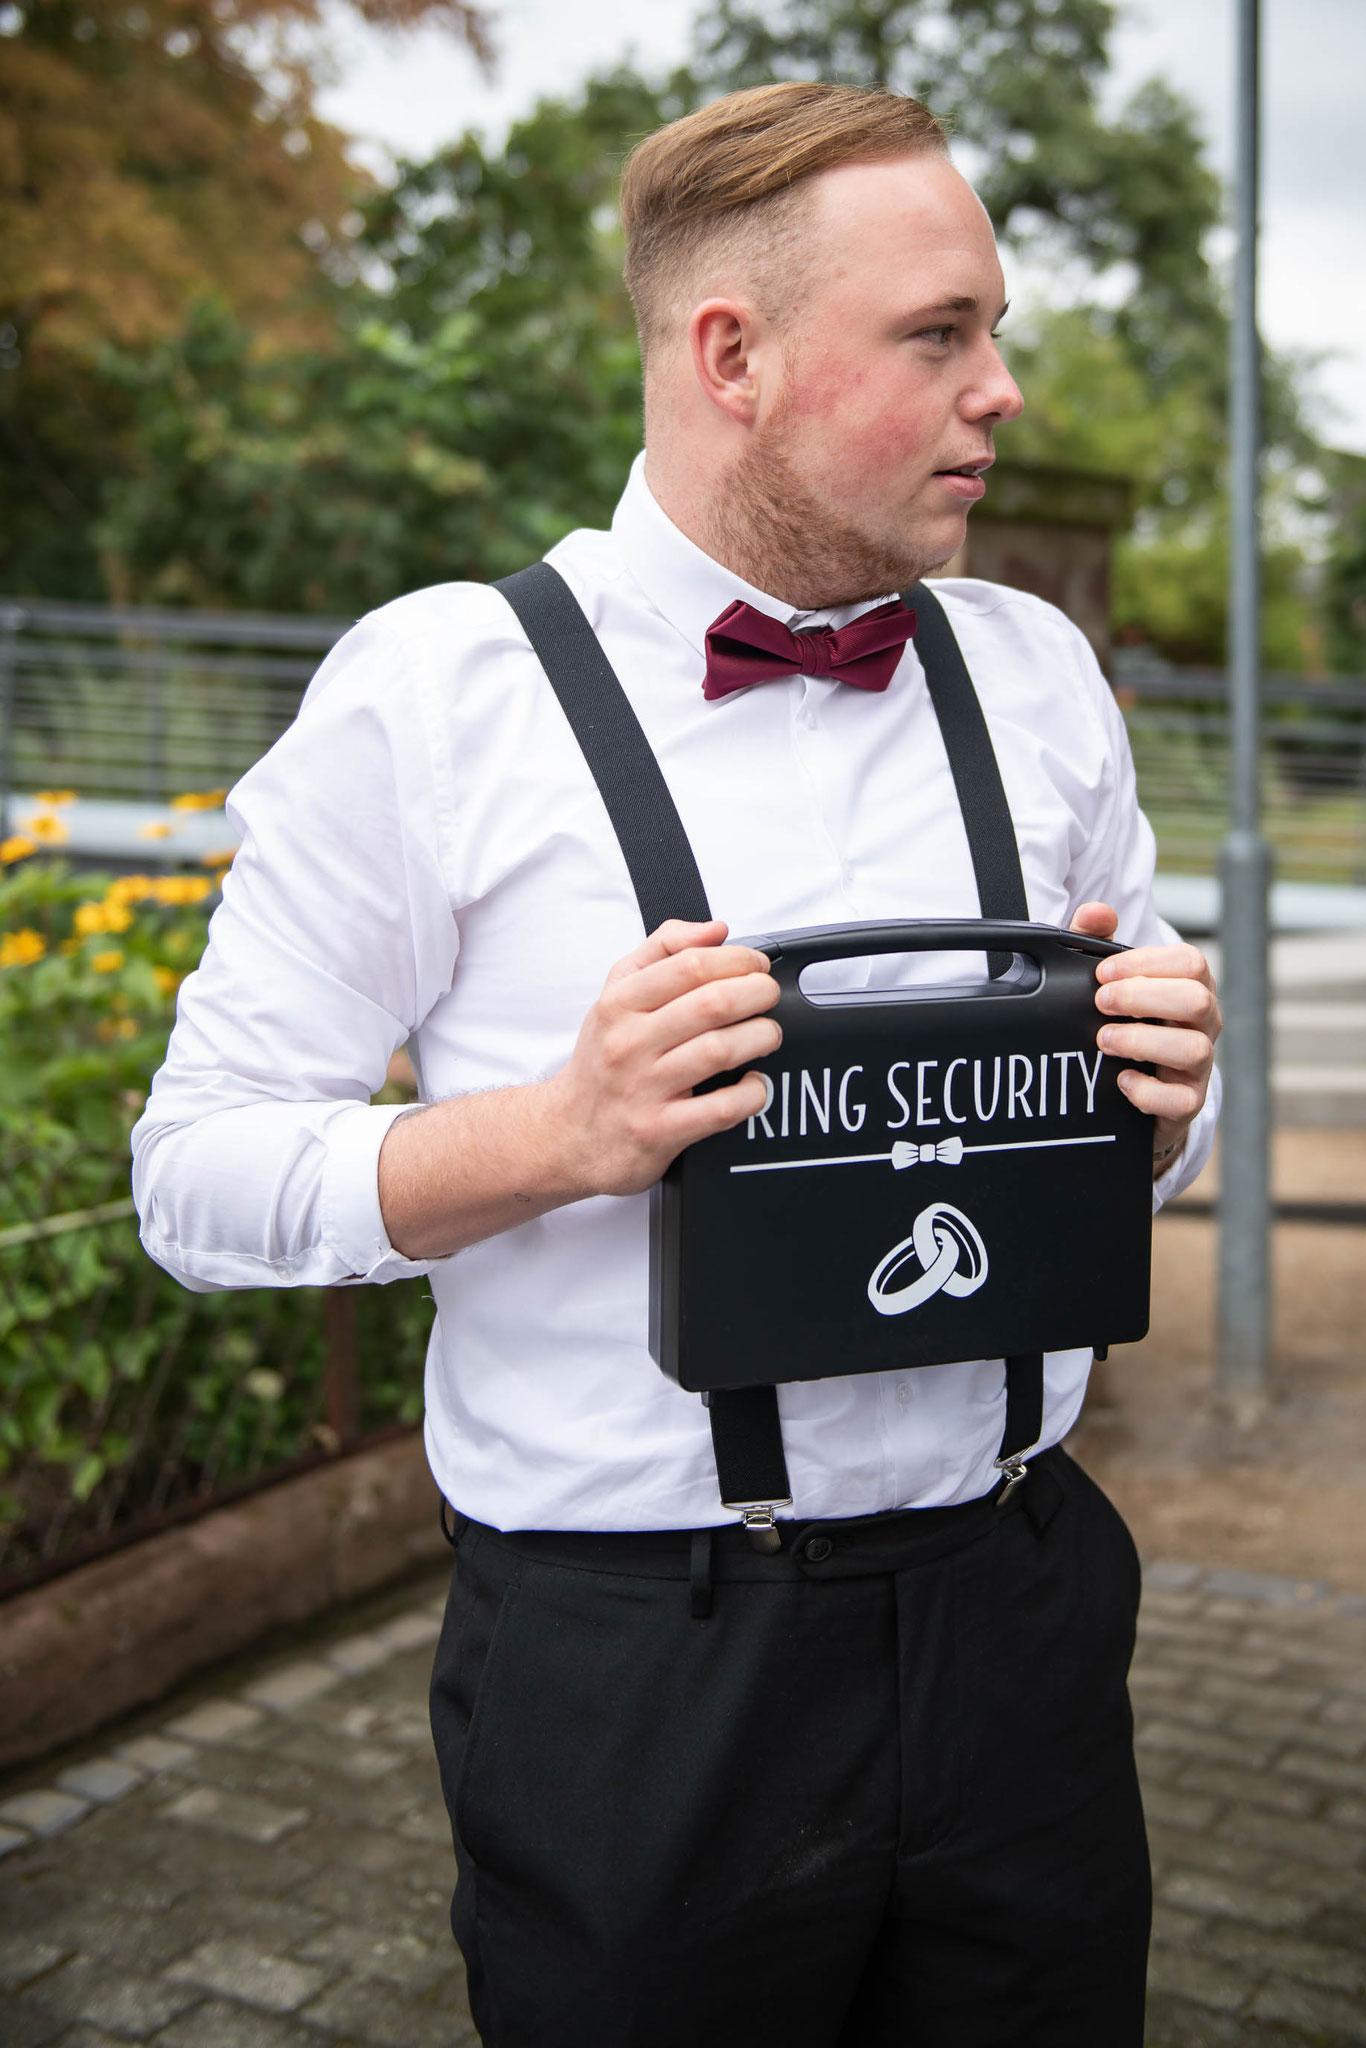 Persönlicher Ring Security zur Hochzeit